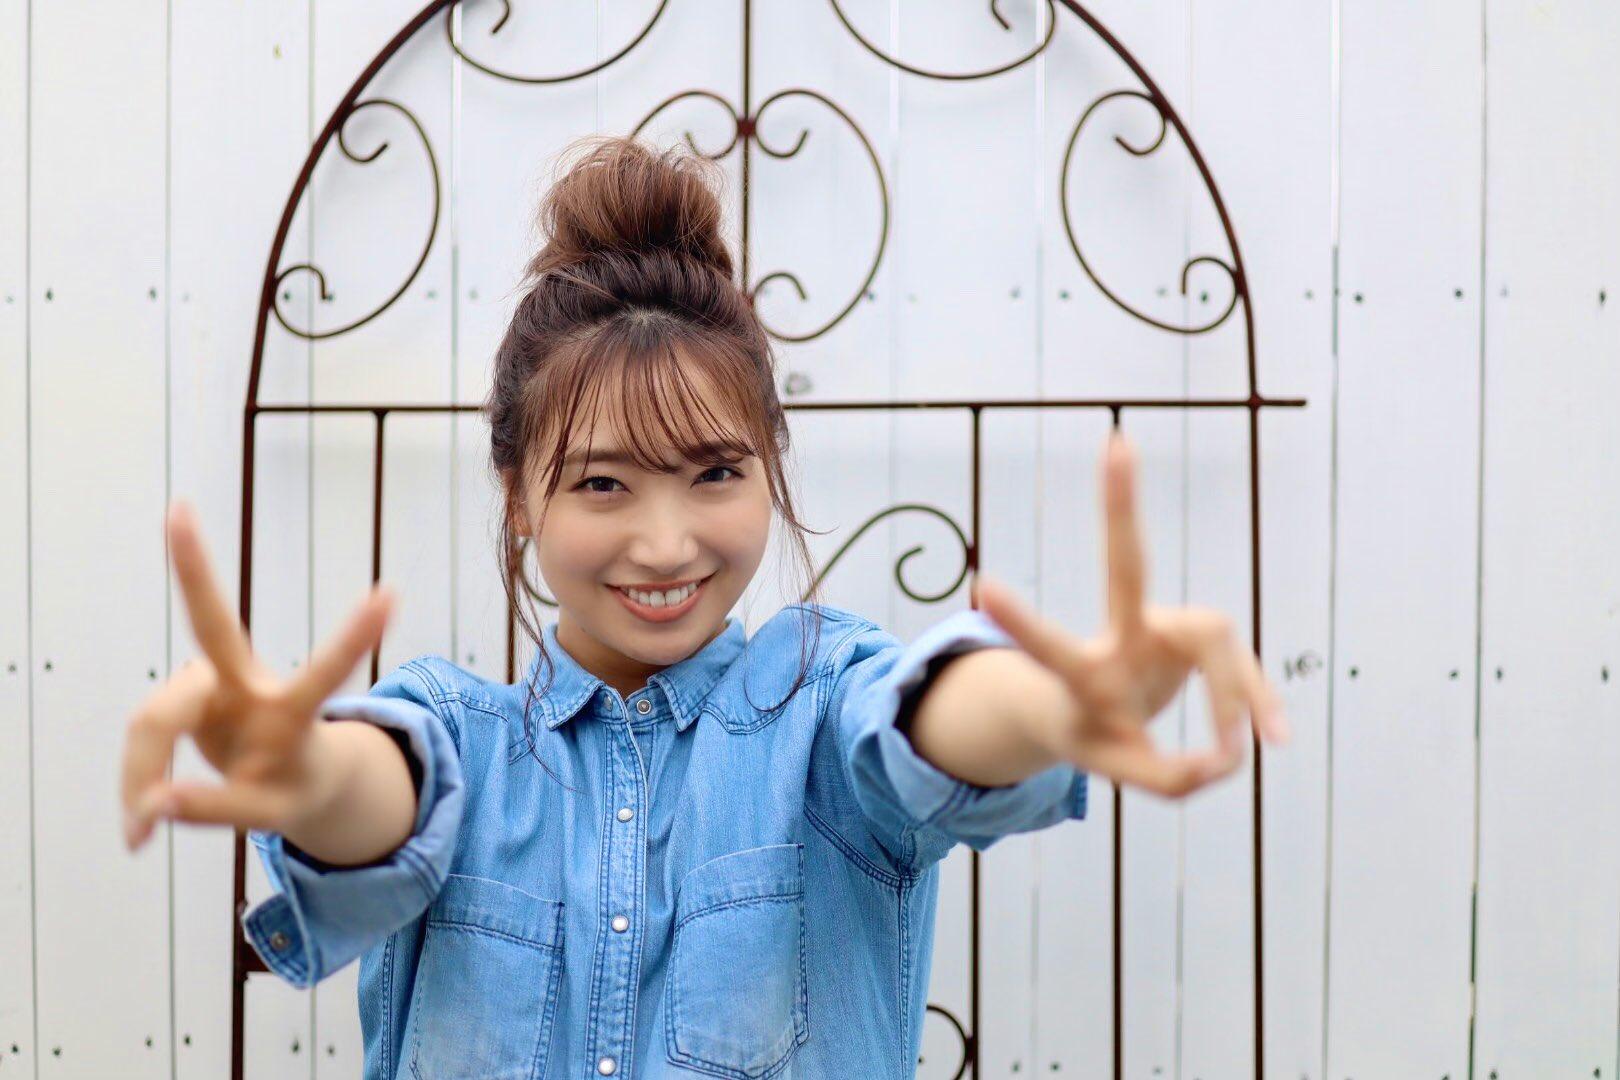 【加美杏奈エロ画像】可愛さもスケベさもデカ尻も神ランクな美少女・加美杏奈!